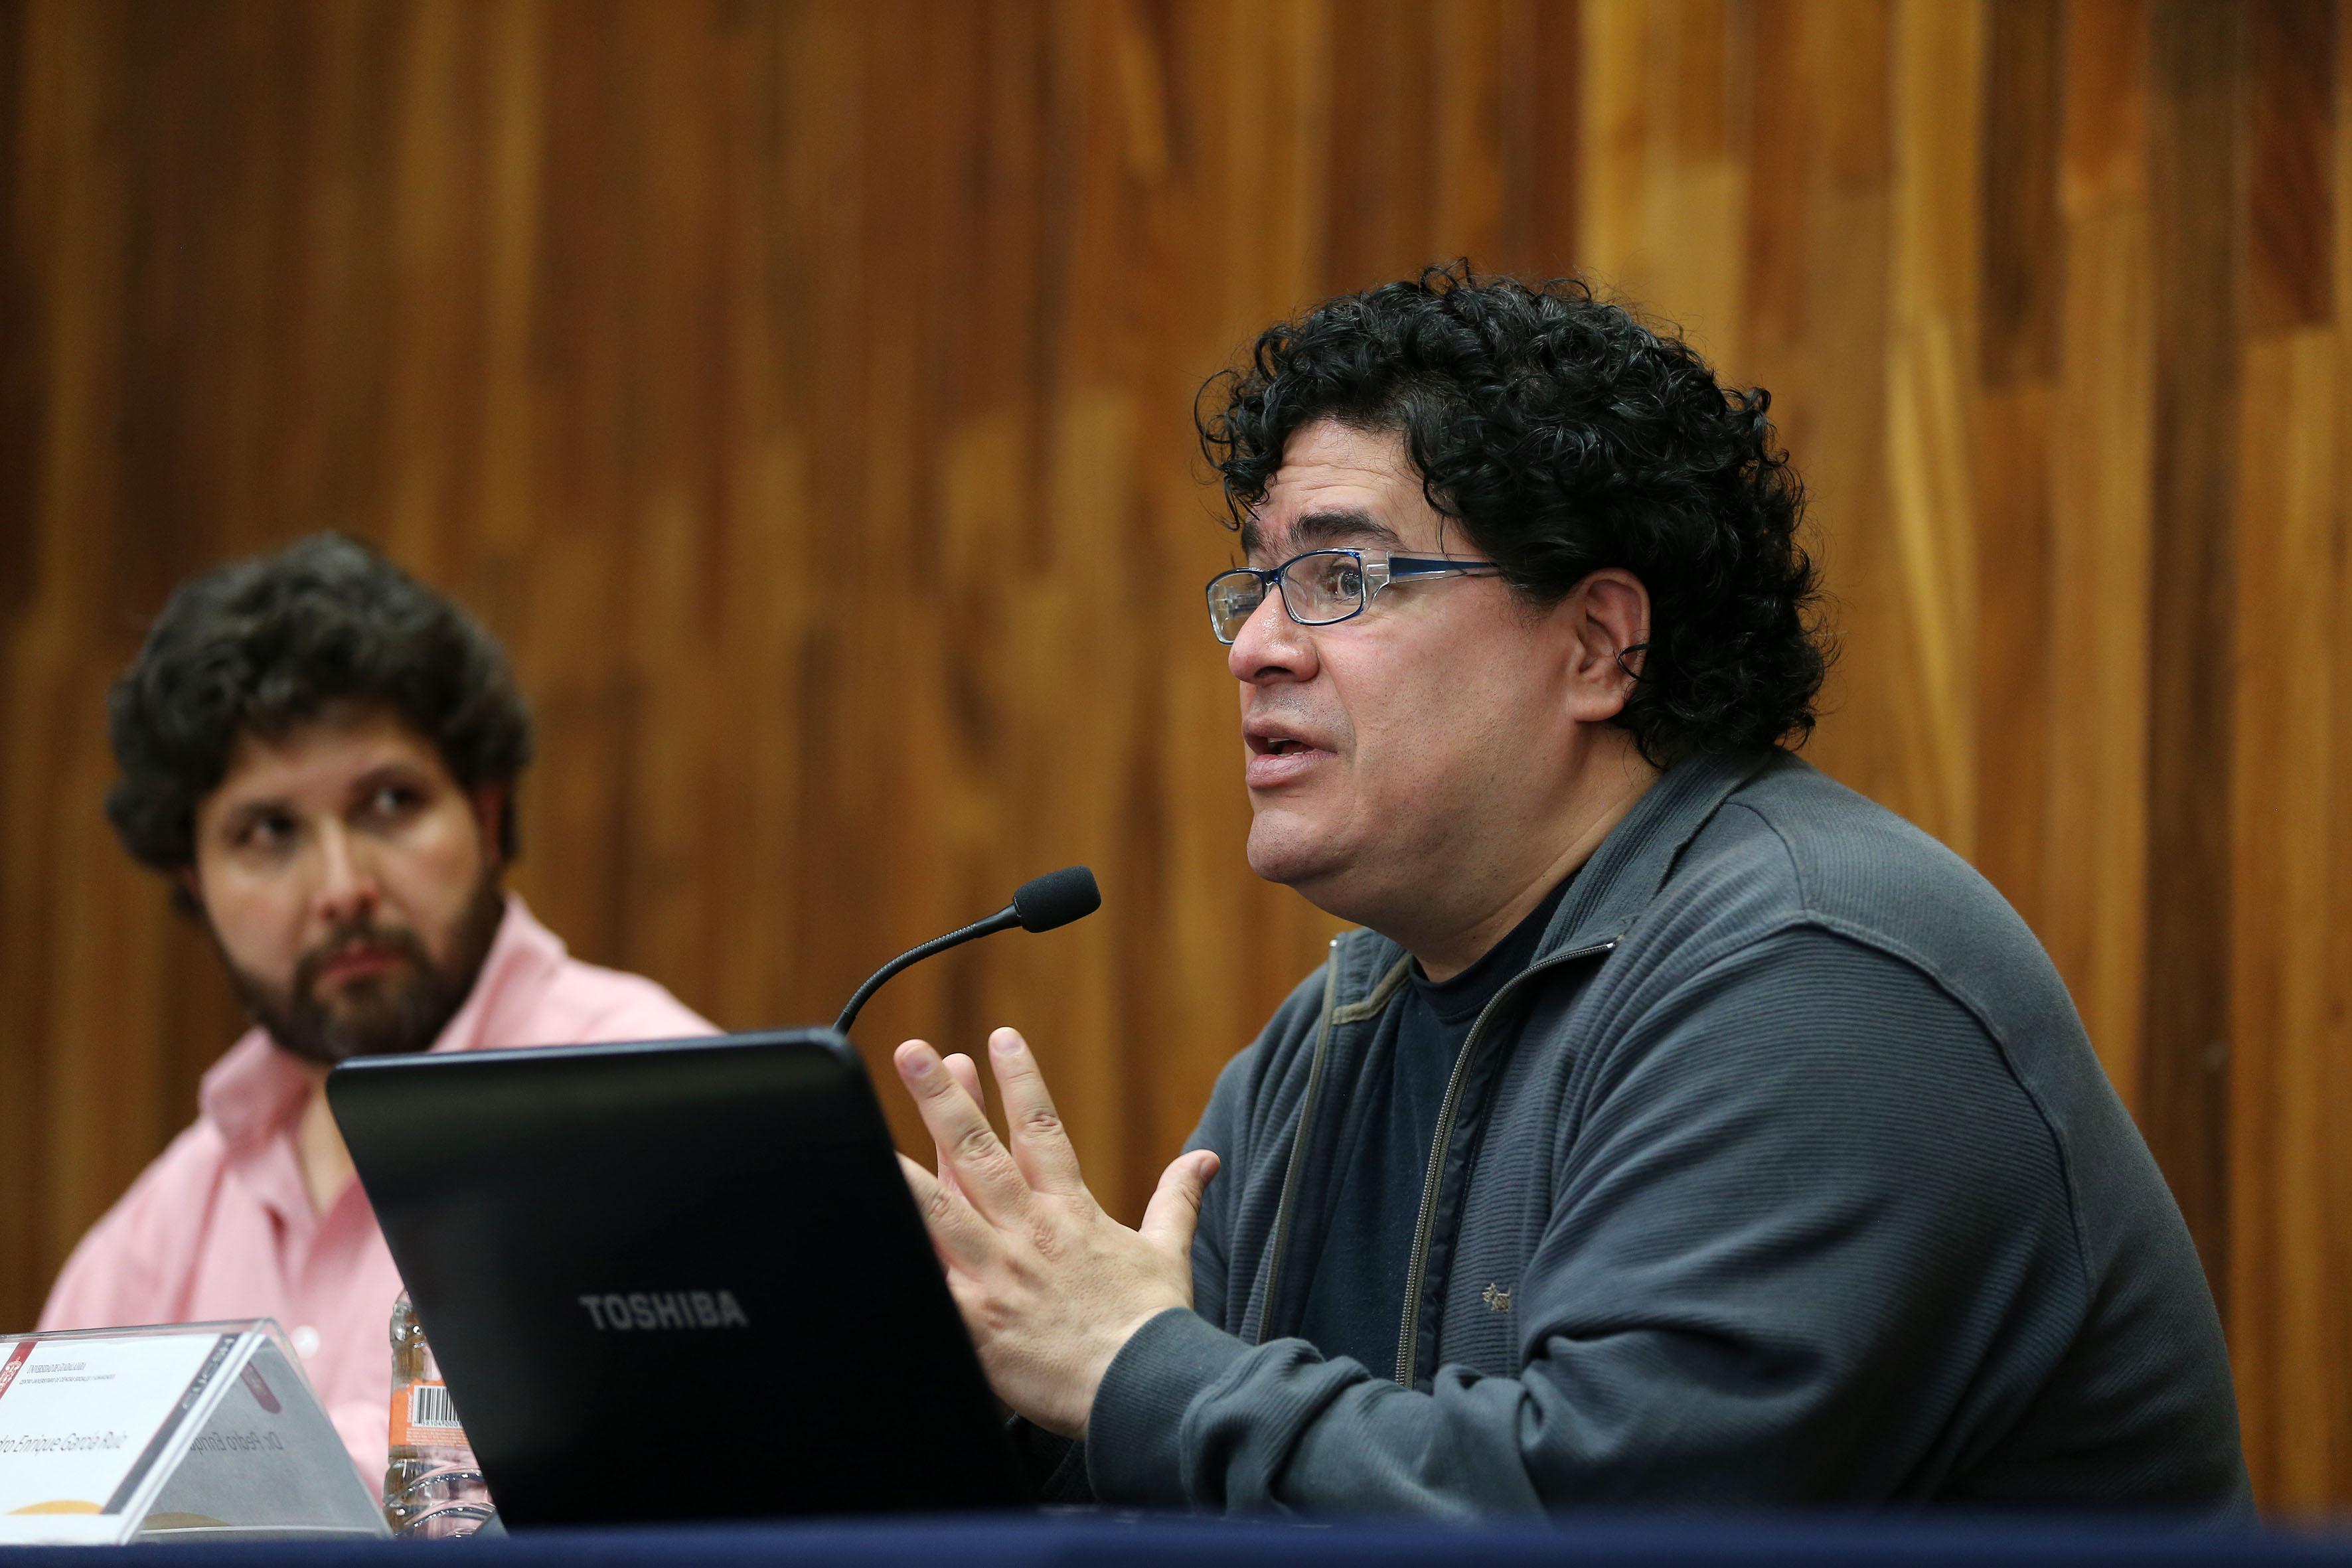 Pedro Enrique García Ruiz, doctor en Filosofía de la UNAM